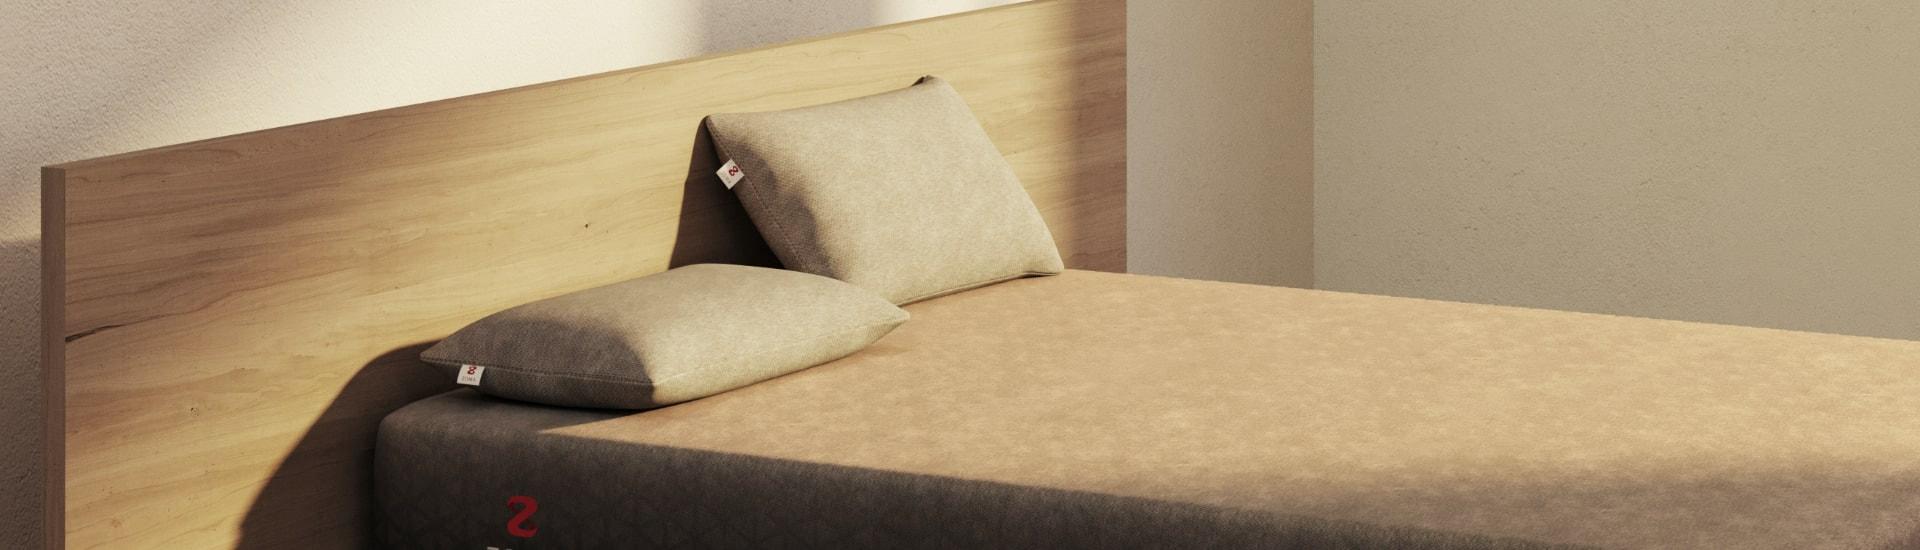 Zoma Pillows